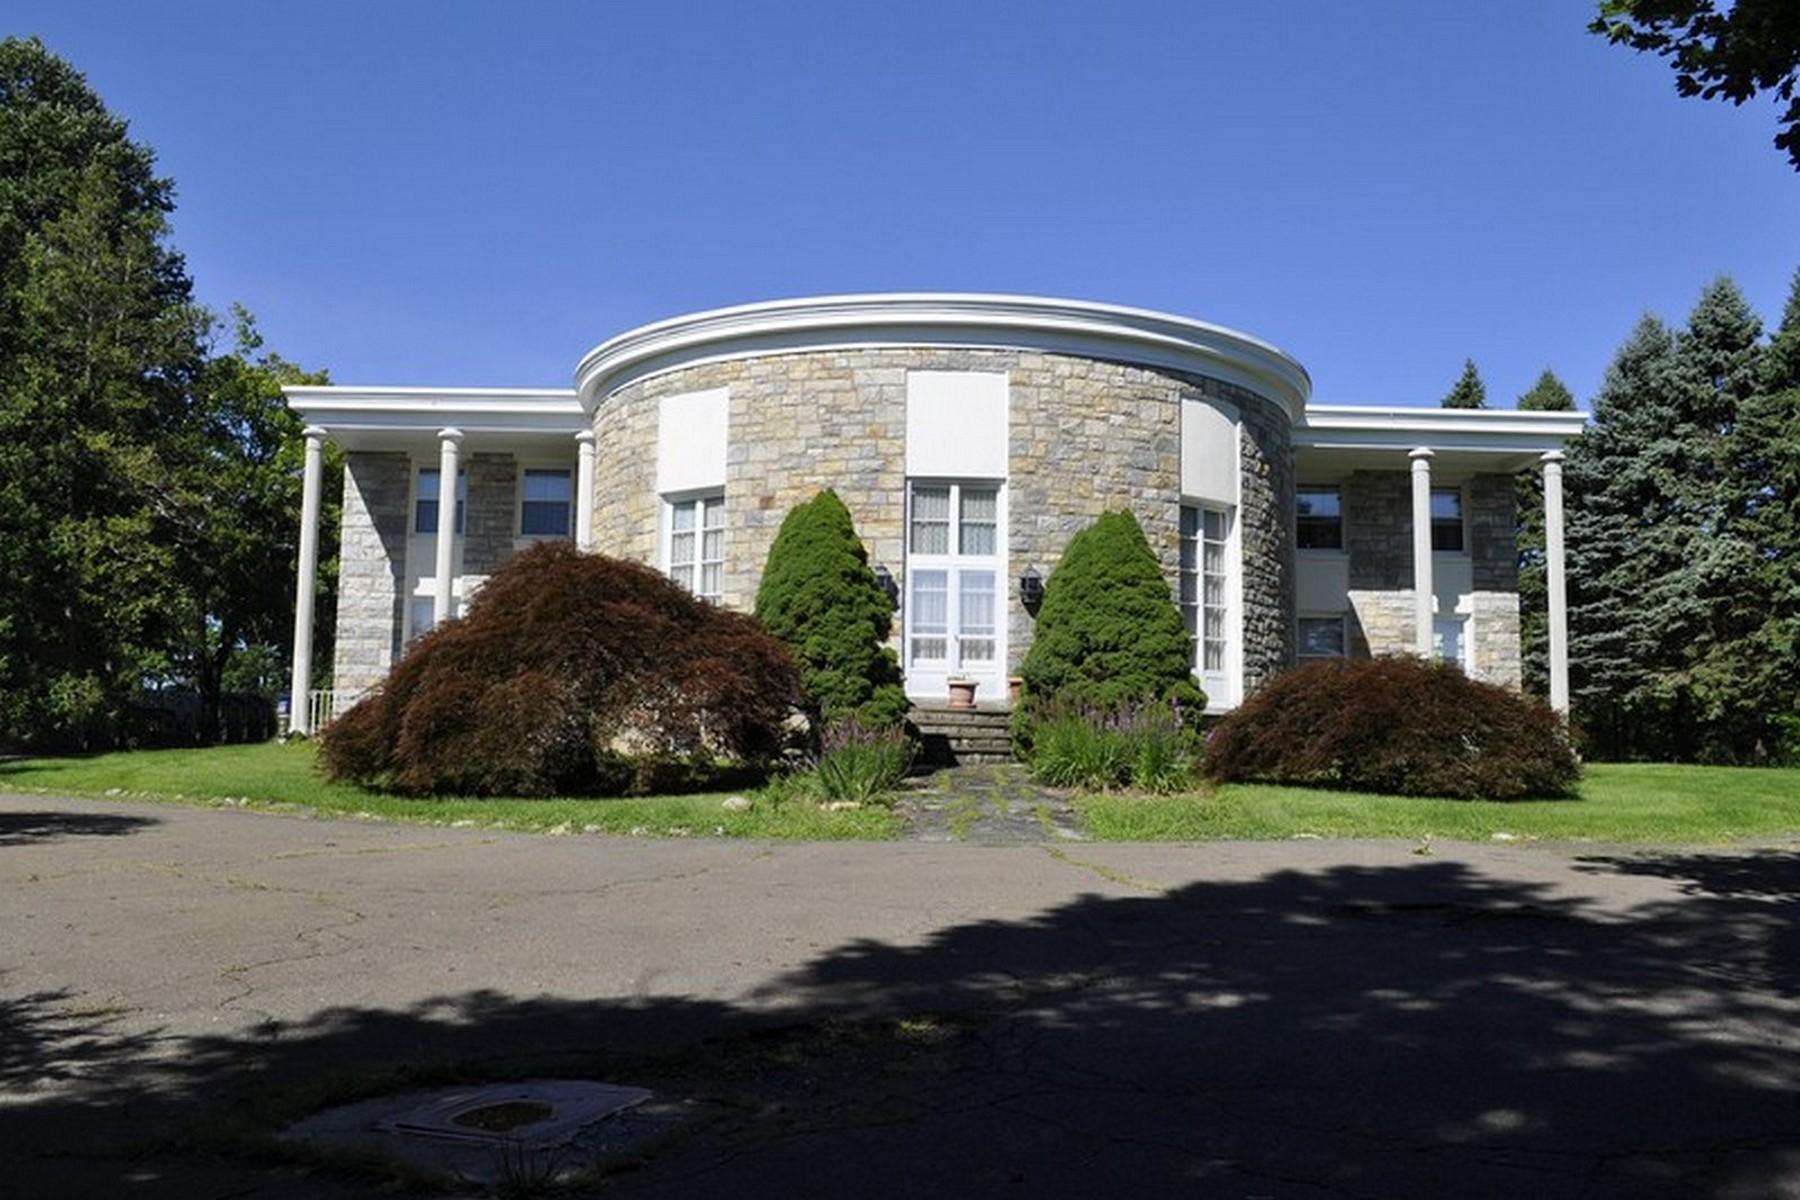 独户住宅 为 销售 在 Lake Front Estate 1 North Gate Road Carmel, 纽约州 10512 美国